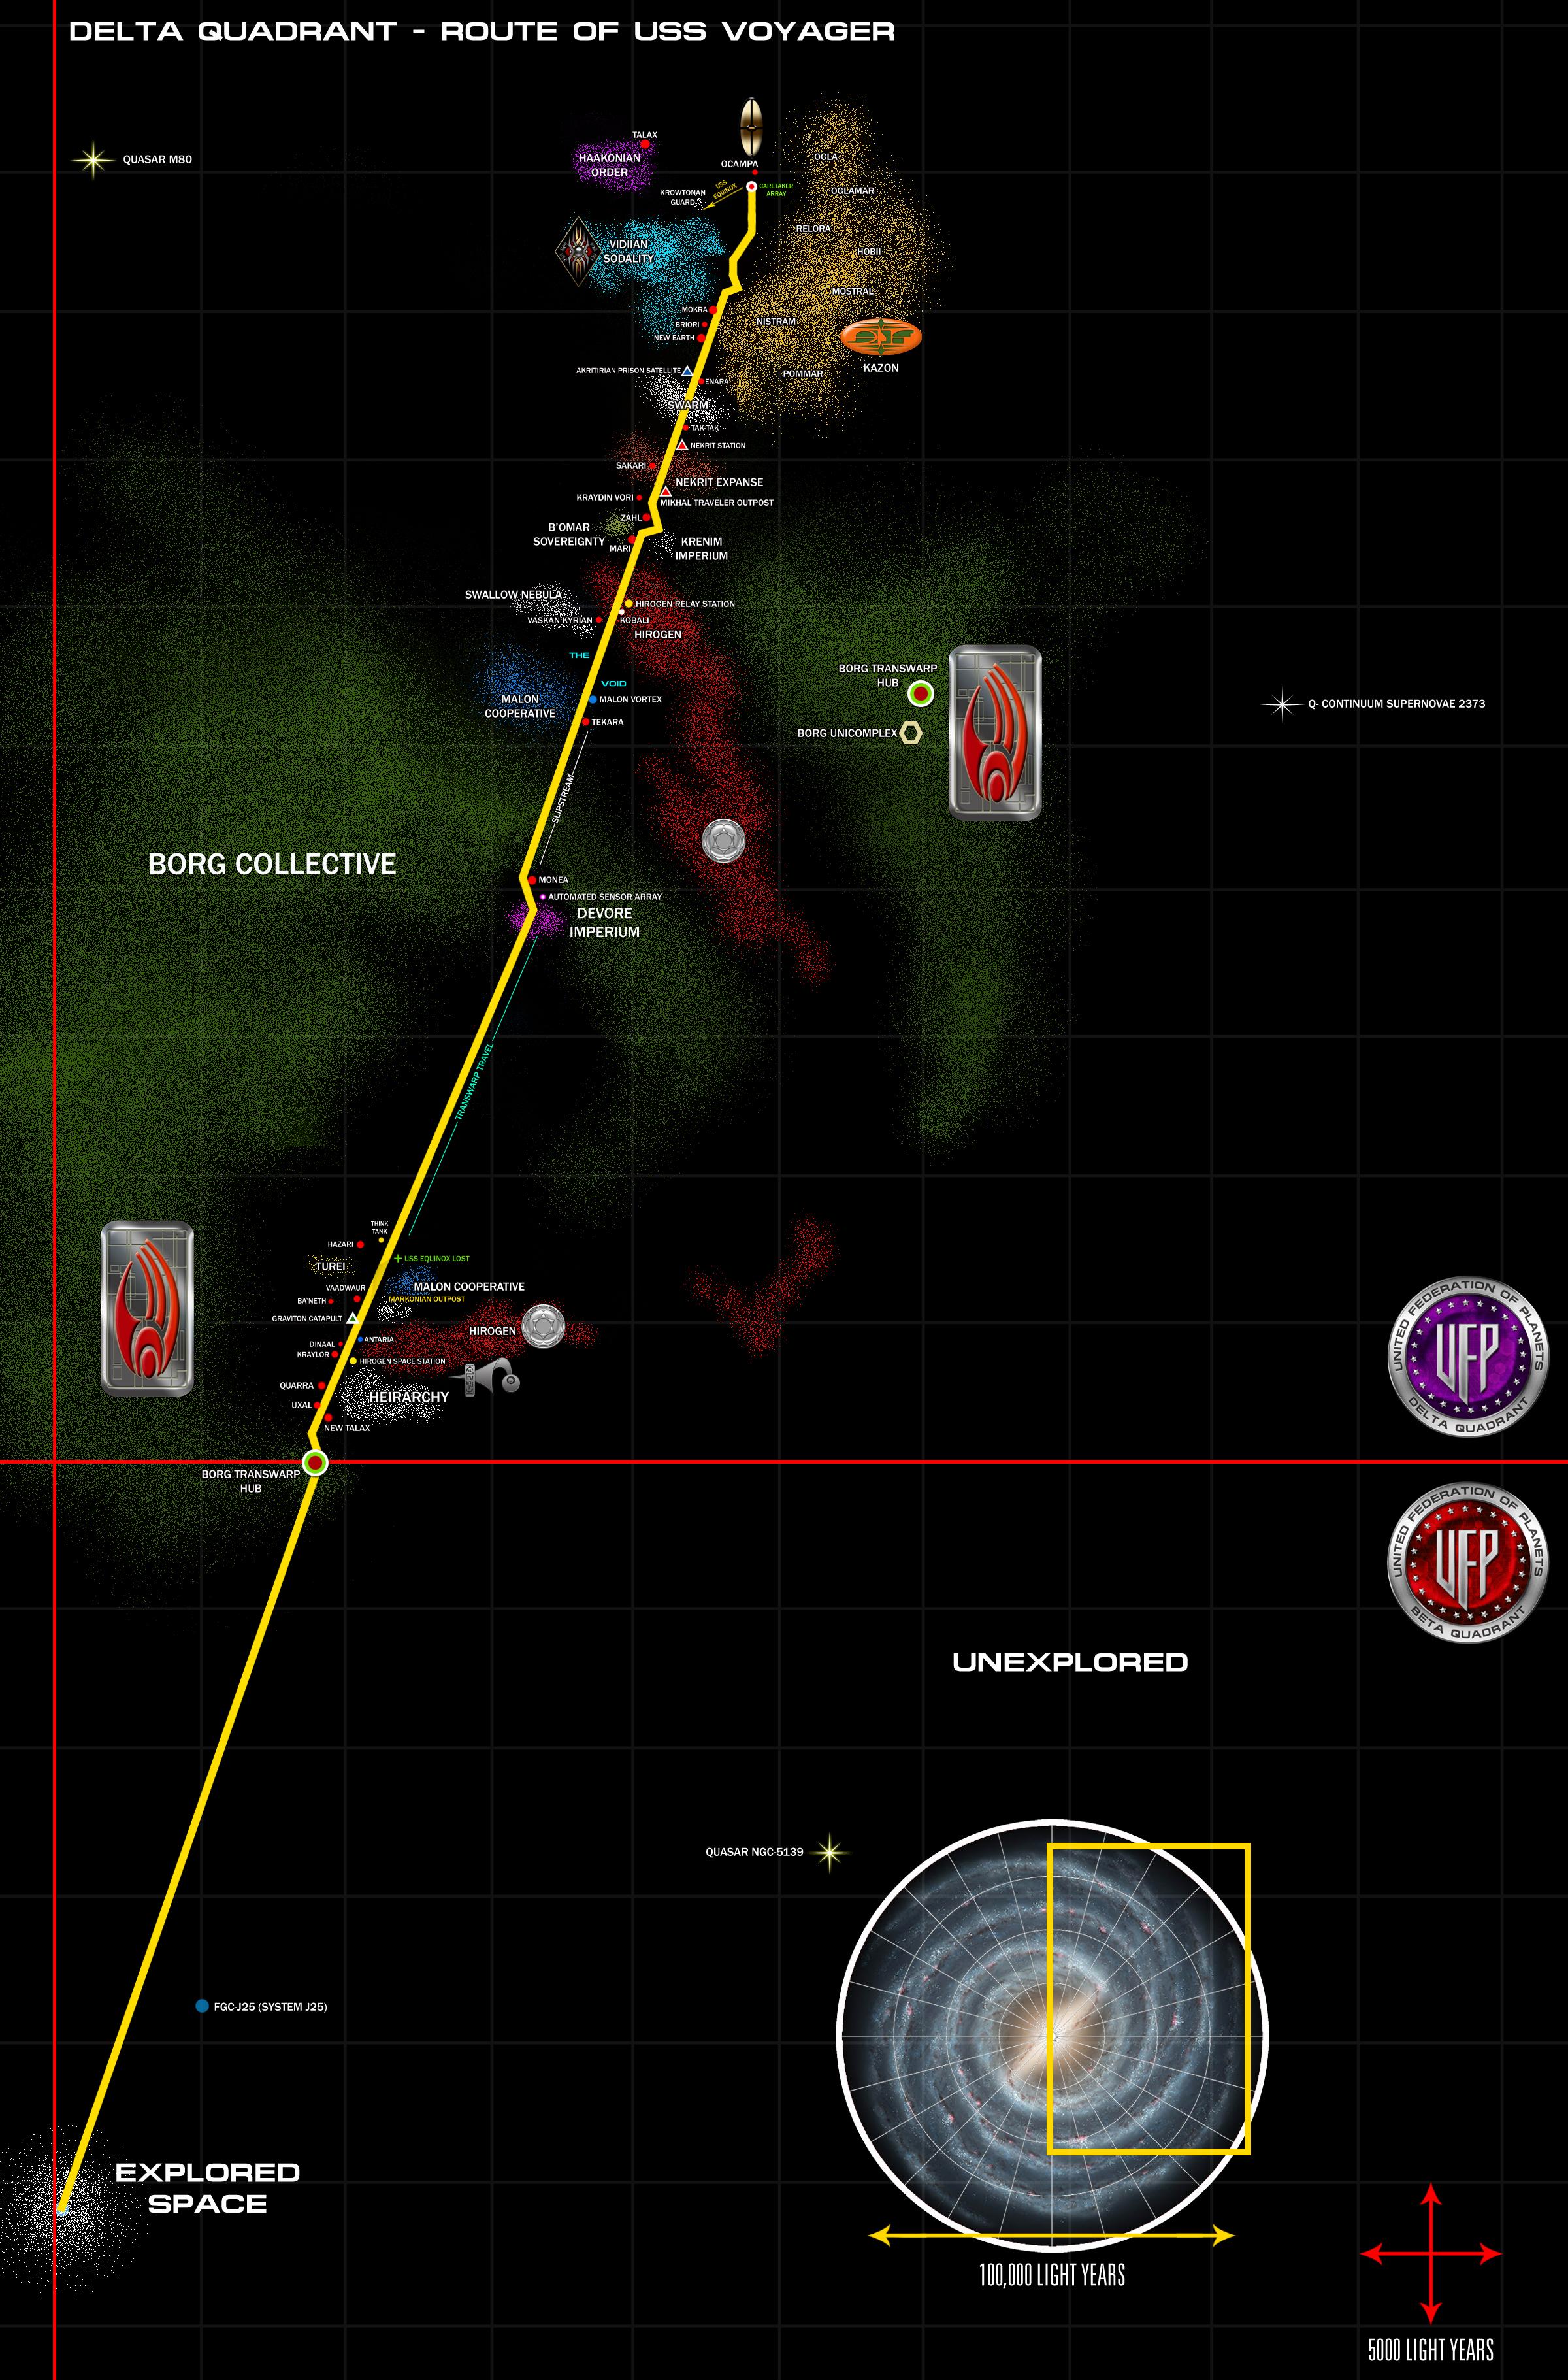 Star Trek Voyager's Route thru the Delta Quadrant